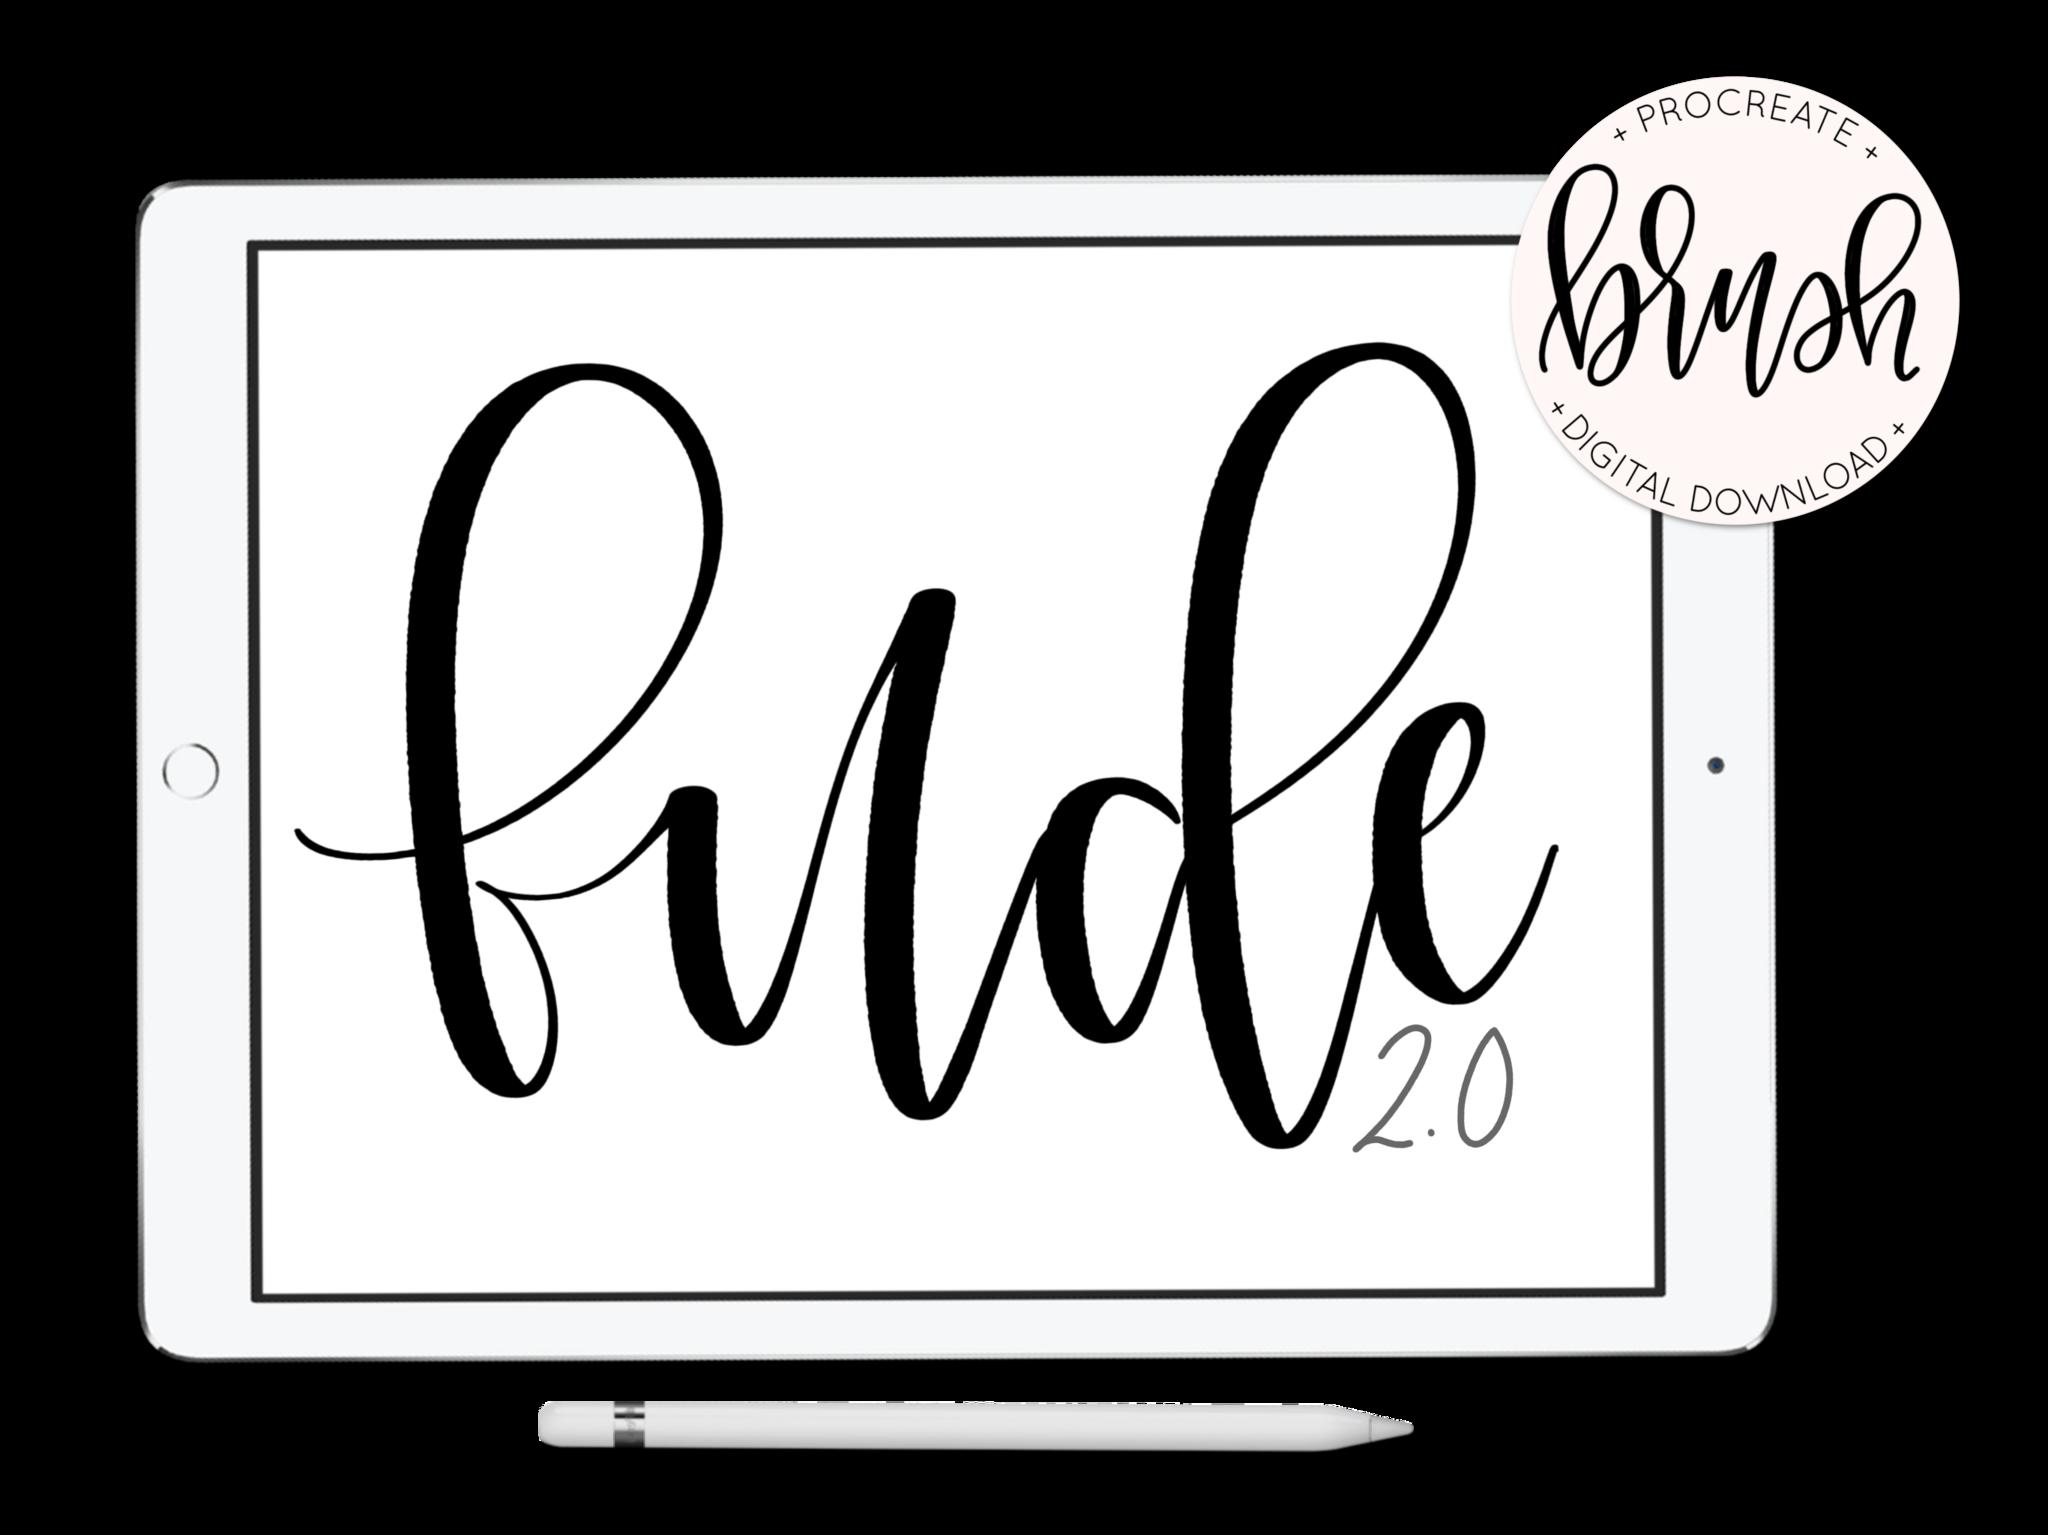 Fude 2.0 lefty.script Procreate, Procreate apple